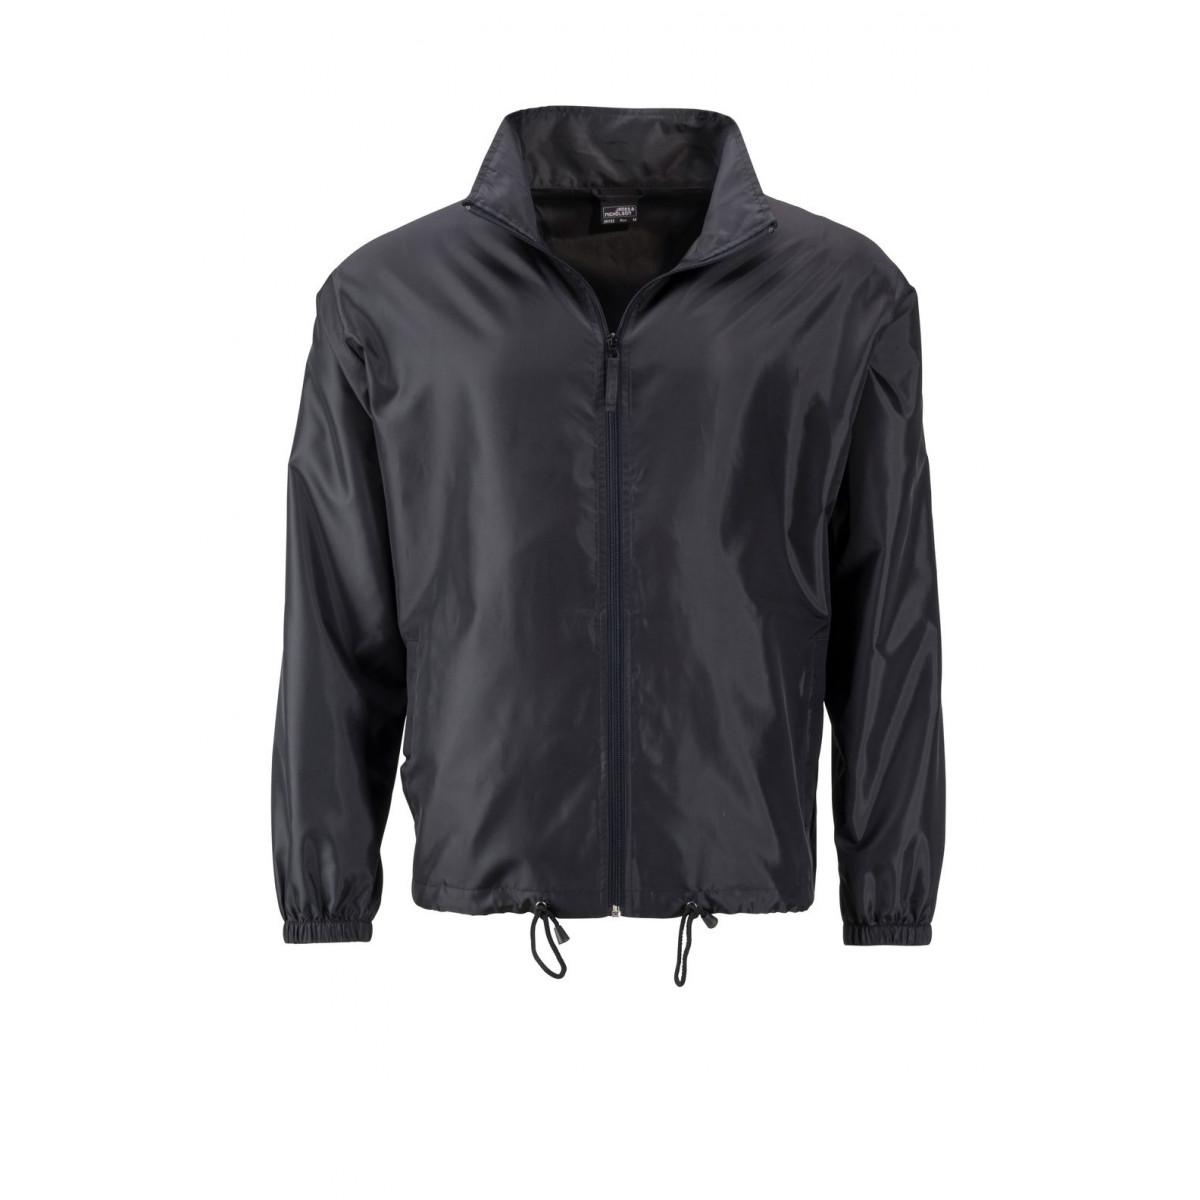 Куртка мужская JN1132 Mens Promo Jacket - Черный